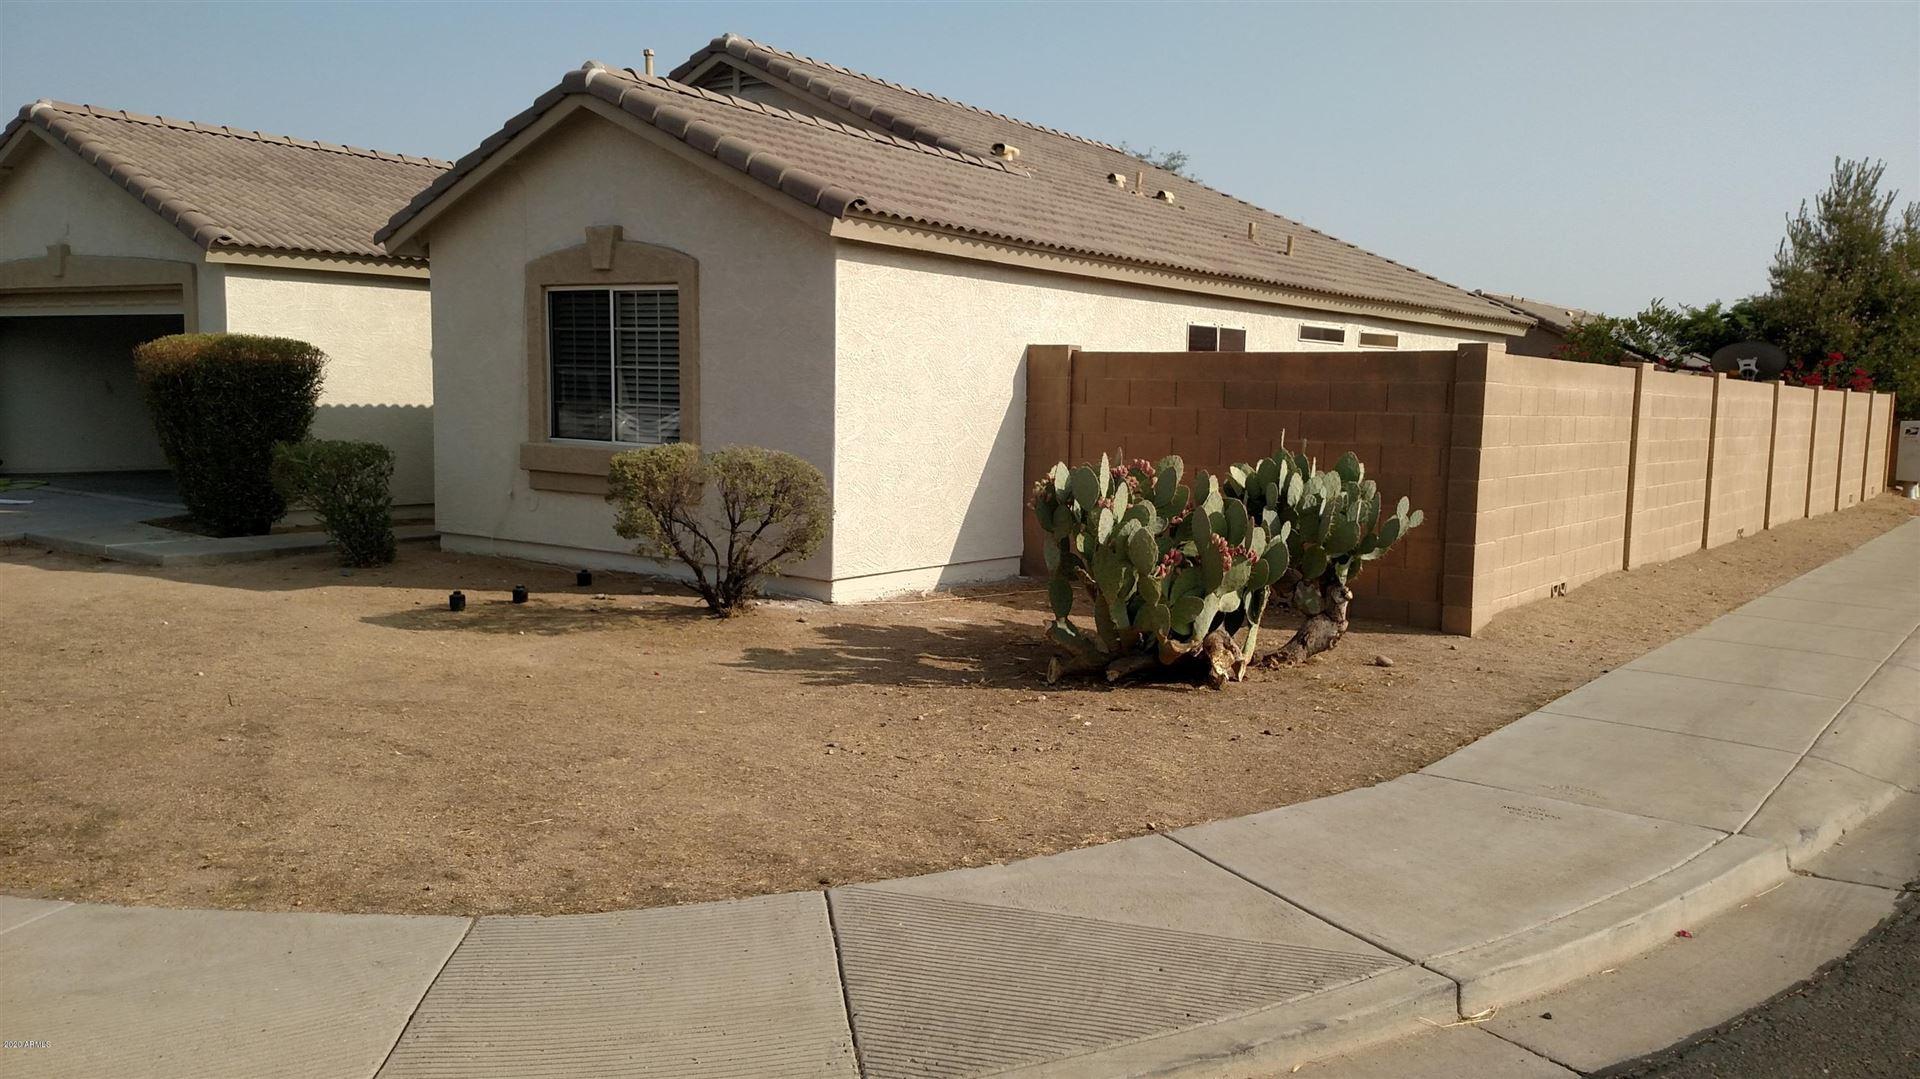 12521 W DREYFUS Drive, El Mirage, AZ 85335 - MLS#: 6134674